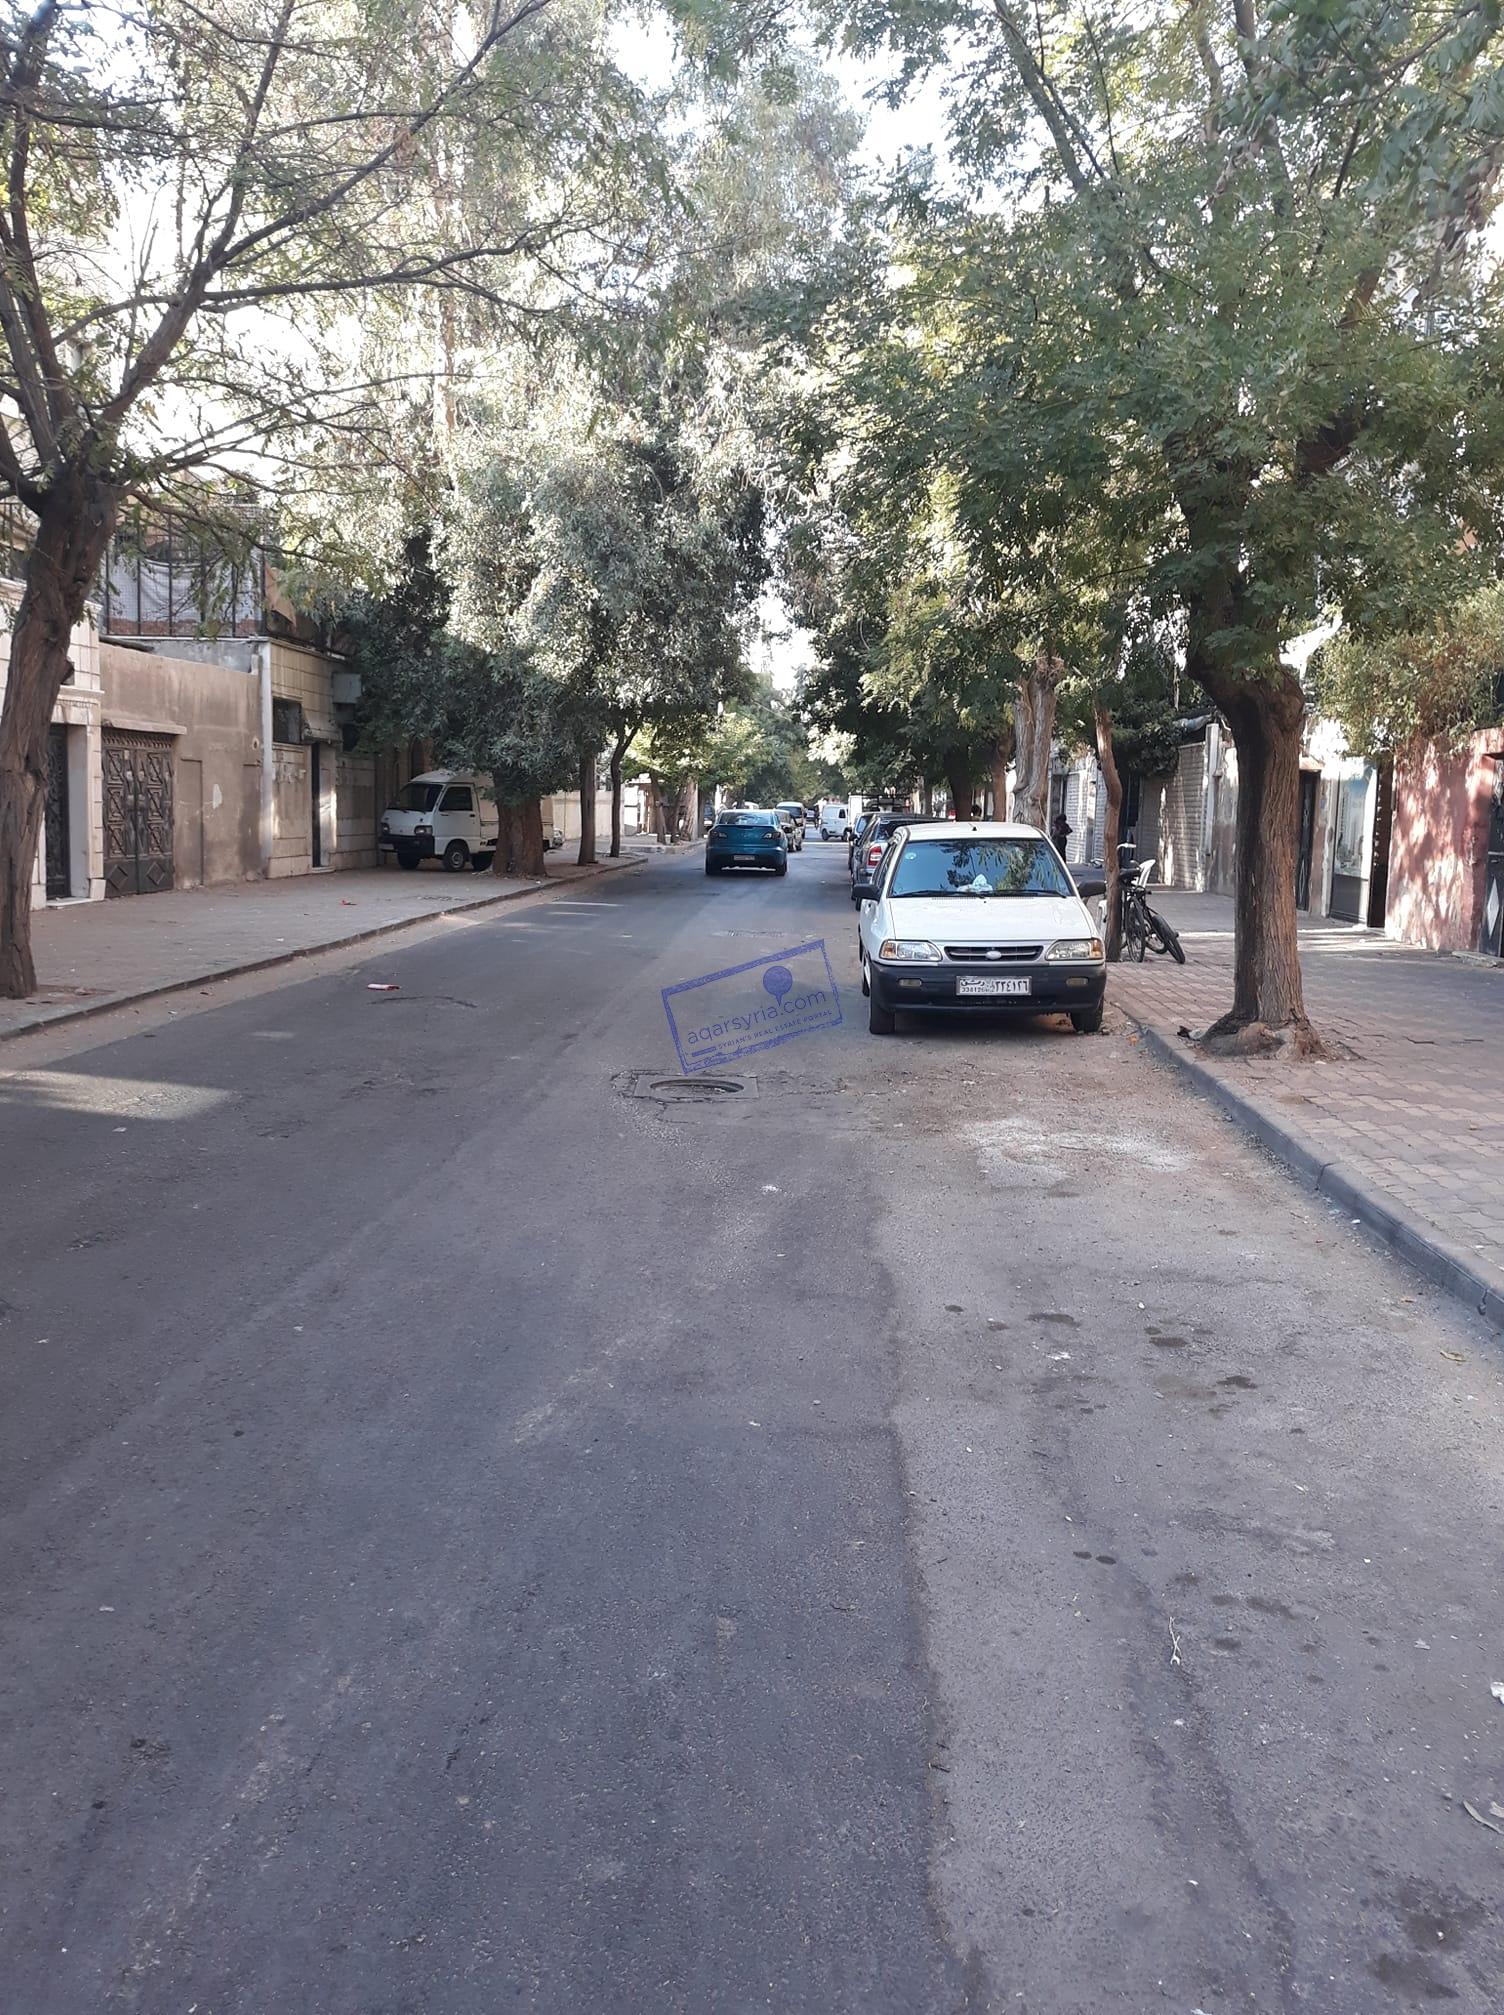 بسعر مغري لقطة – للبيع شقة في دمشق